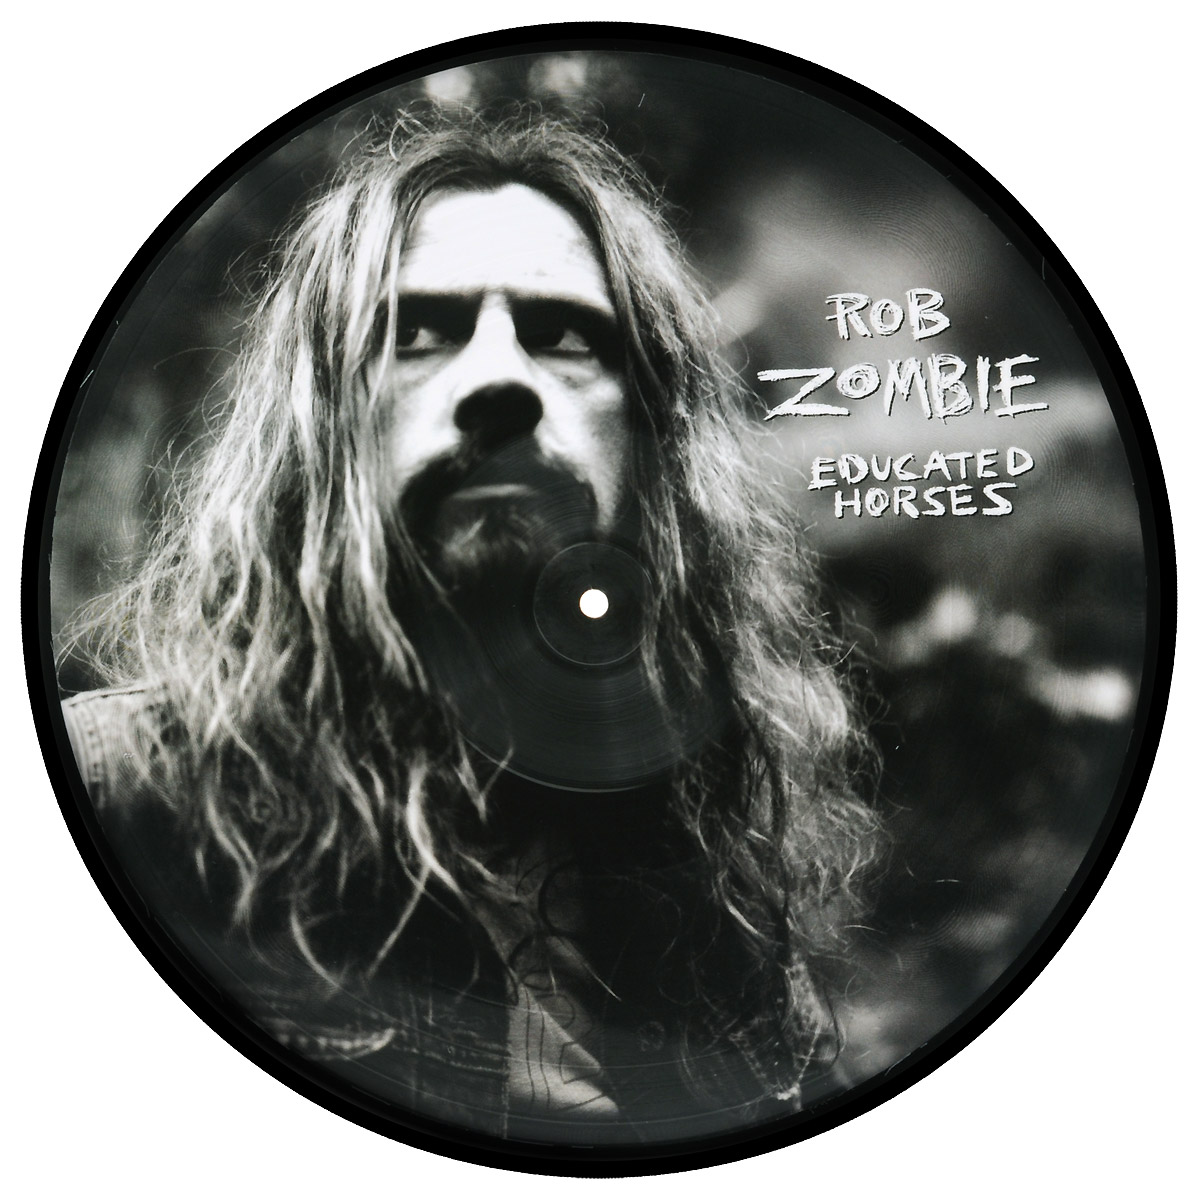 Роб Зомби Rob Zombie. Educated Horses (LP)